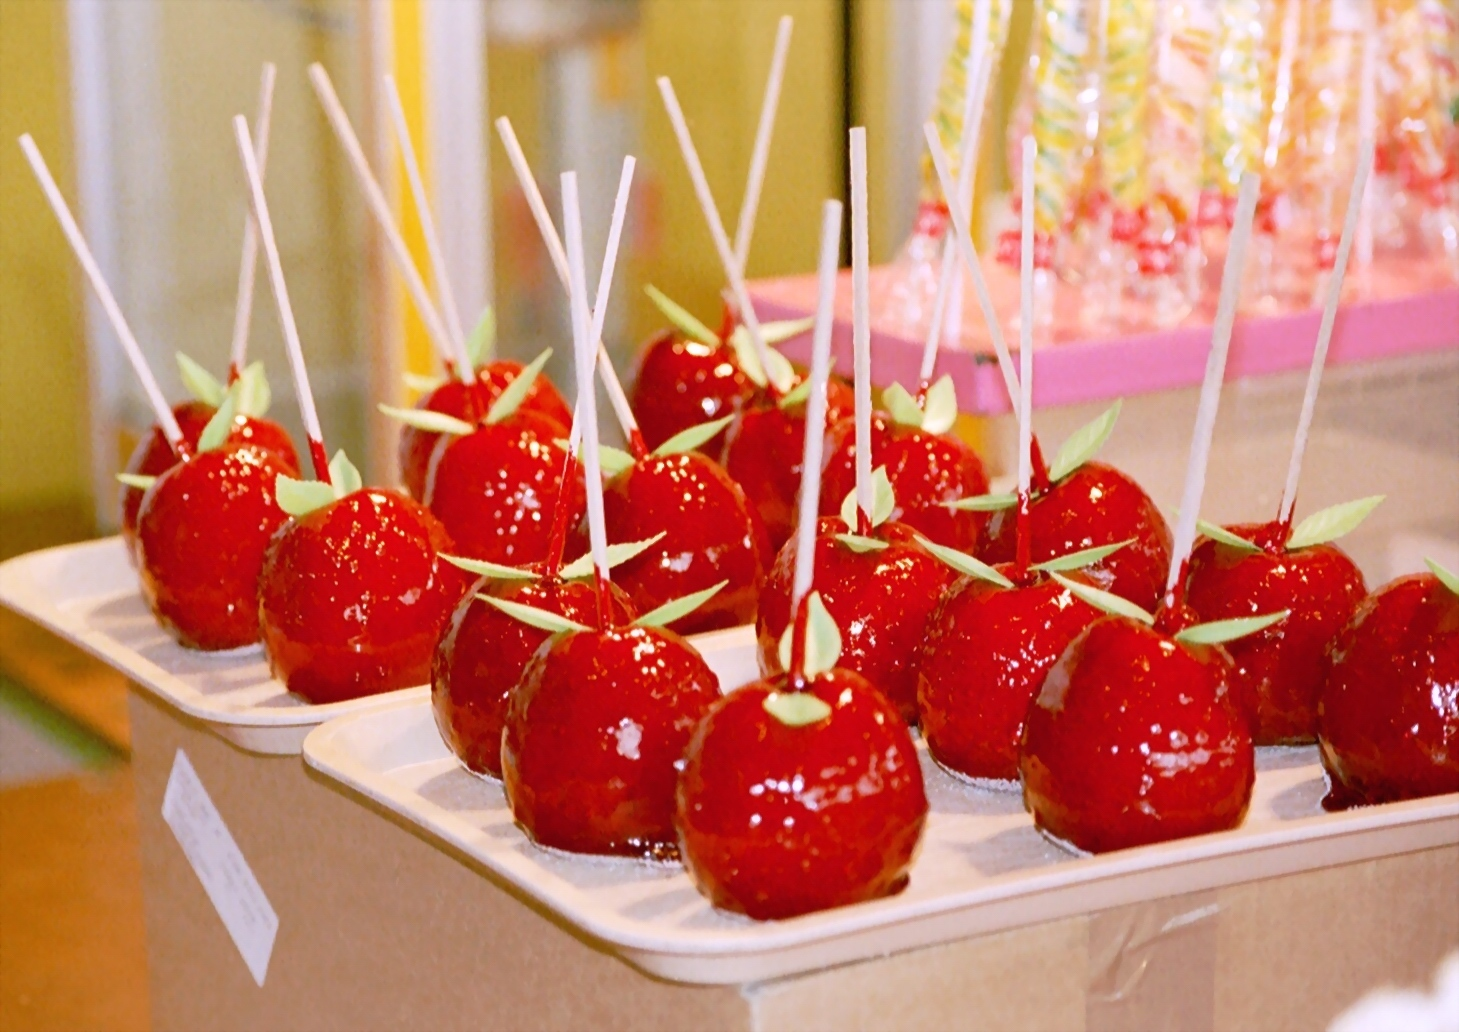 تفاح الحب عنبر التفاح البيروري